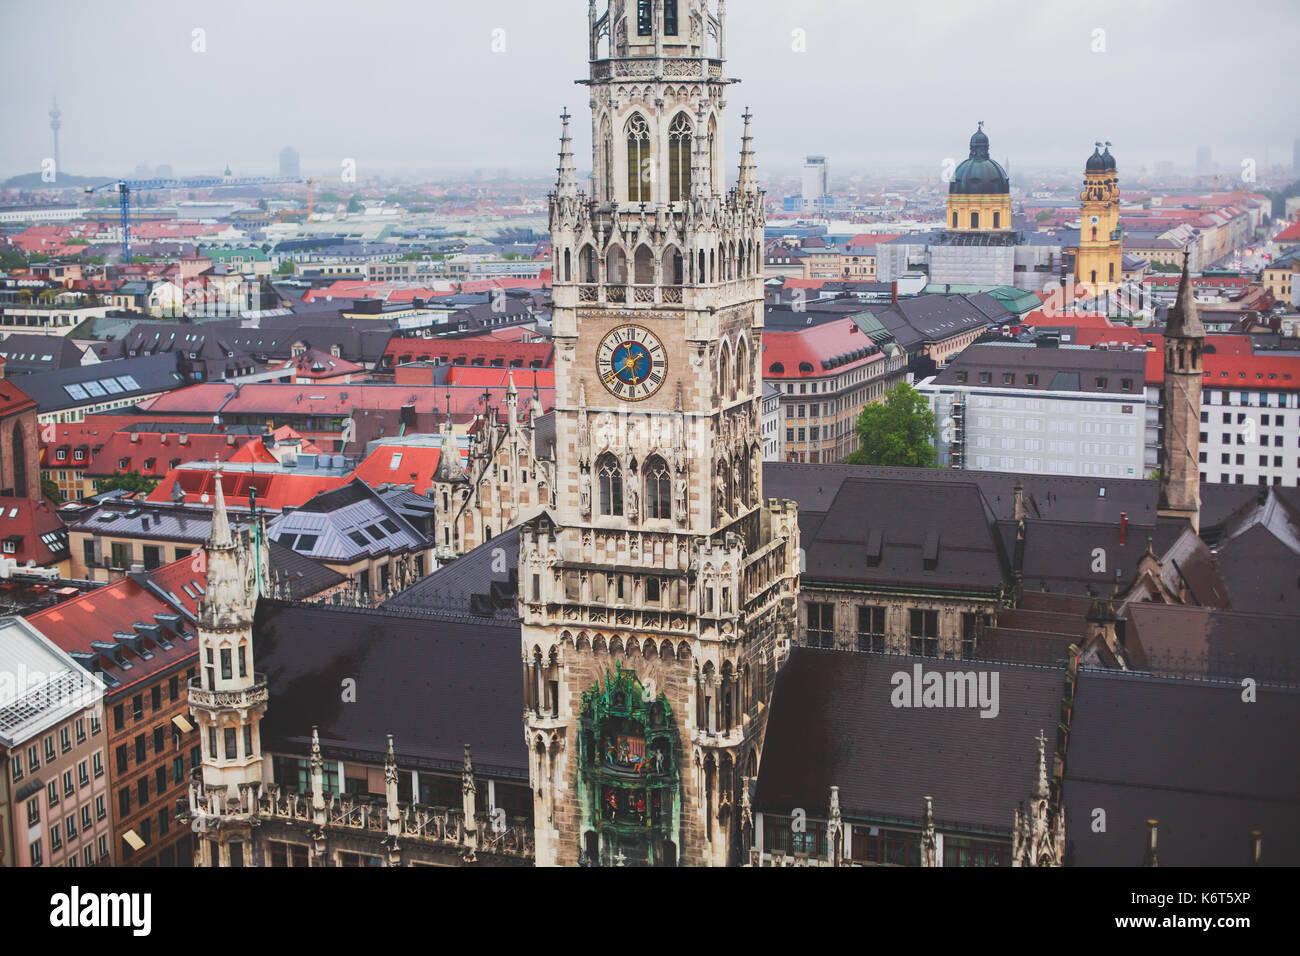 Hermosa super gran angular soleada vista aérea de Munich, el Bayern, Baviera, Alemania con el horizonte y el paisaje más allá de la ciudad, visto desde la observación d Imagen De Stock